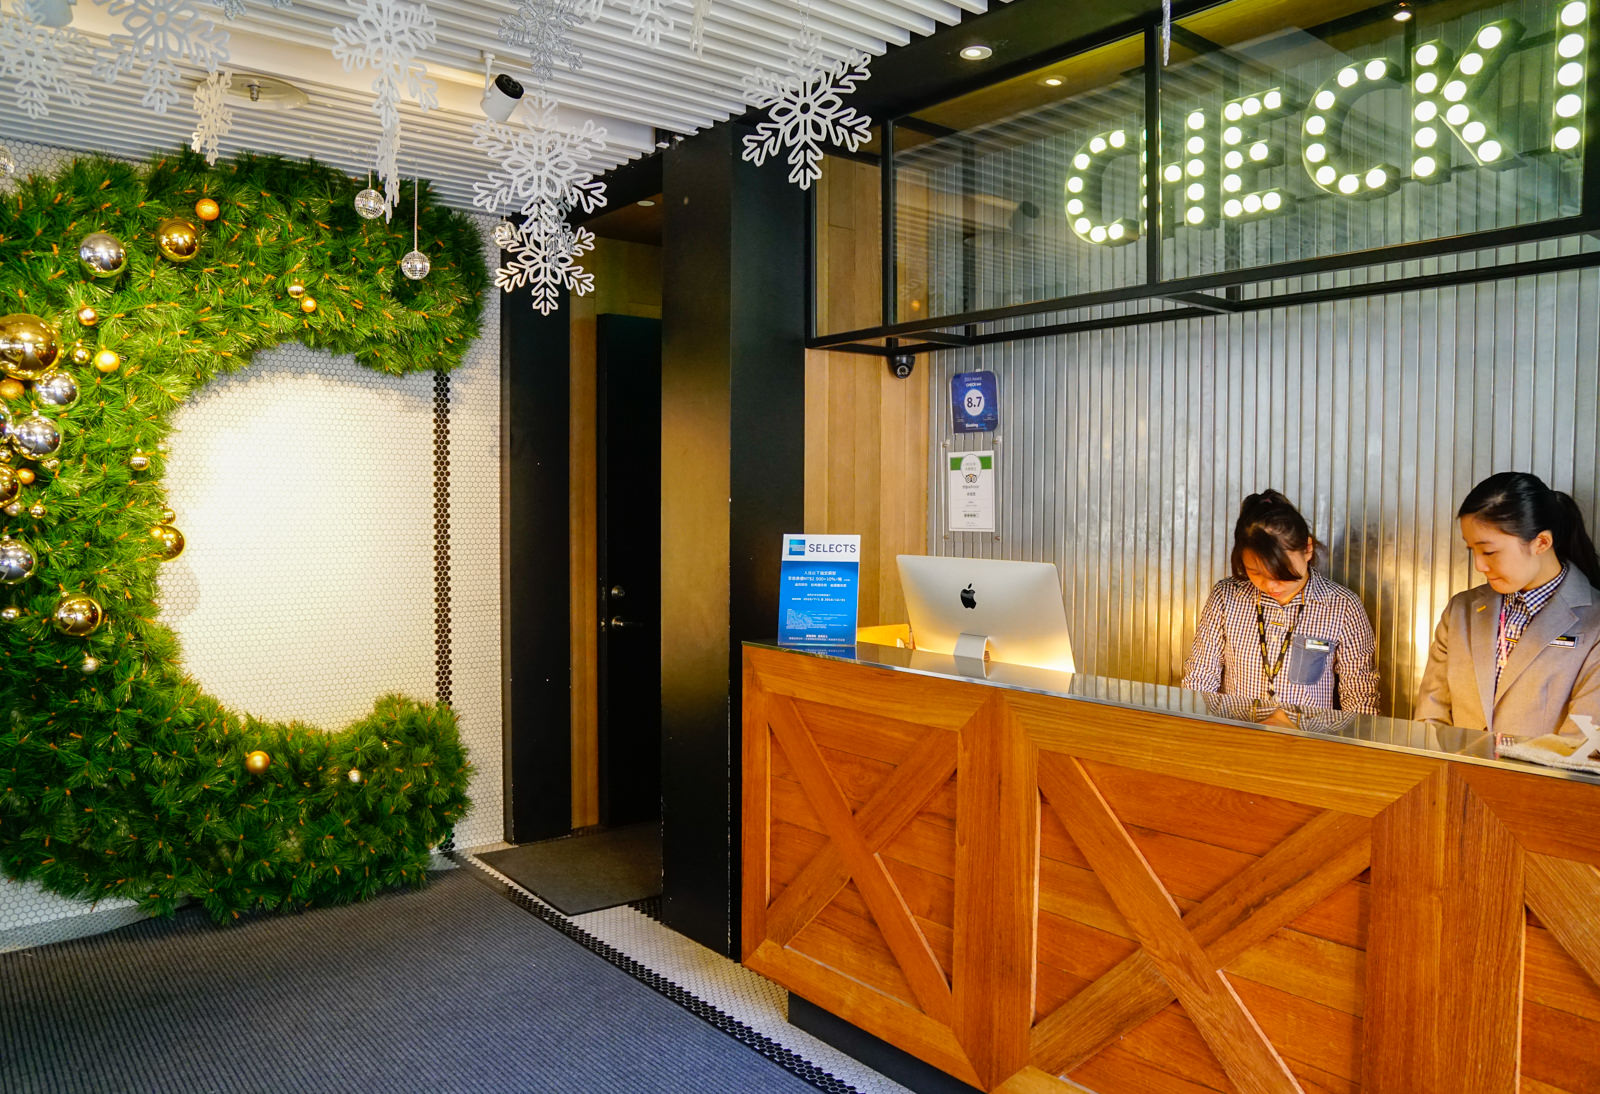 [台北]CHECK inn雀客旅館-超高C/P值!紐約Loft風住宿 捷運站30秒超方便  台北住宿推薦 @美食好芃友